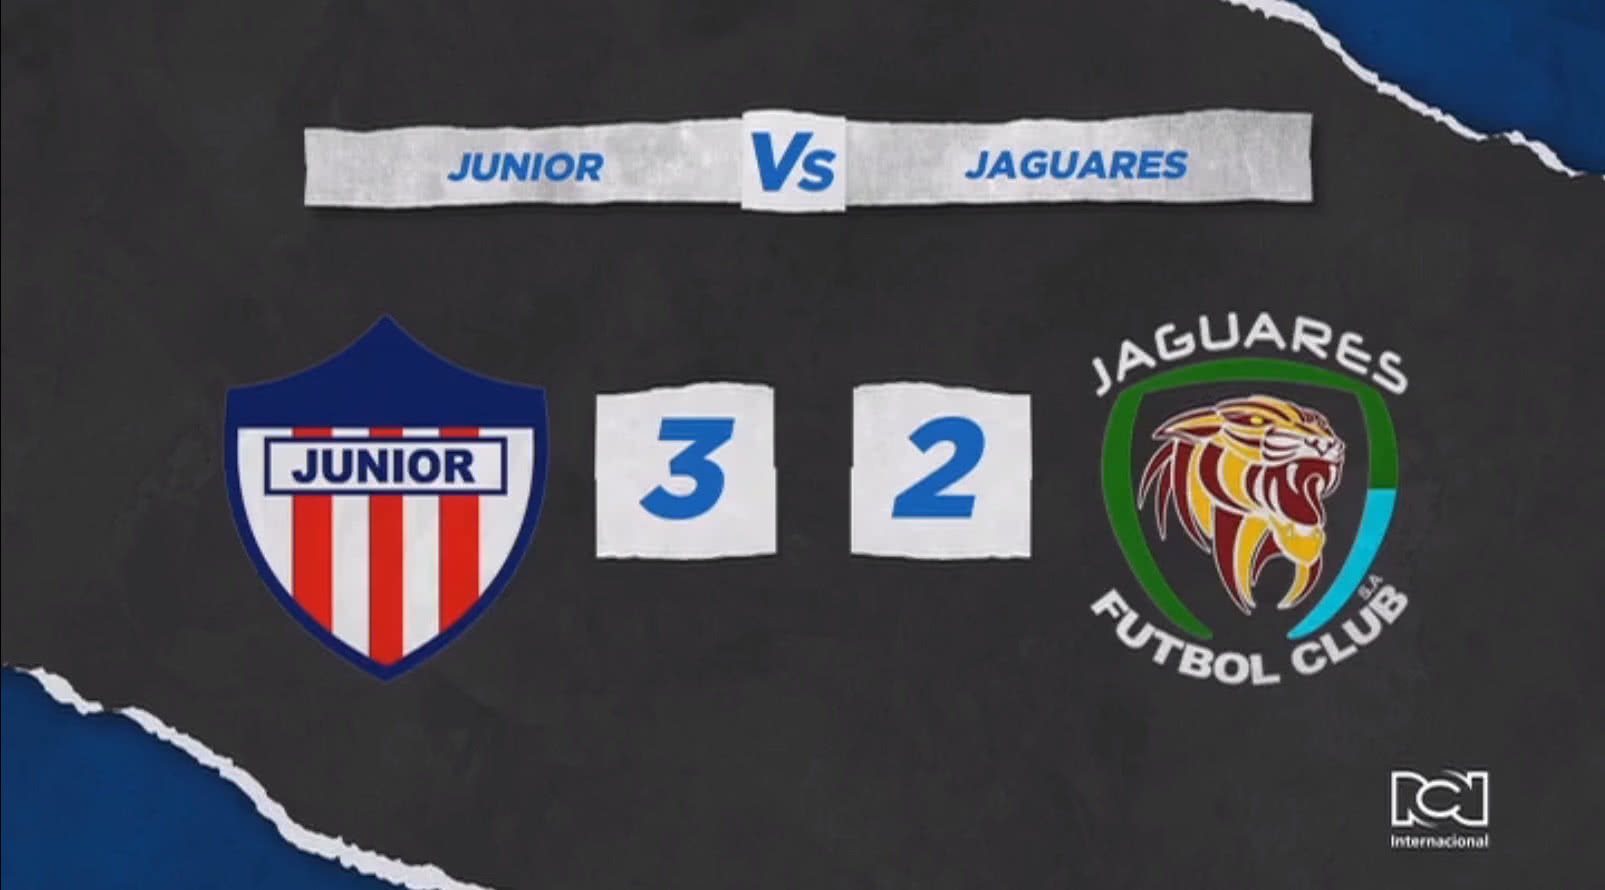 Atlético Junior logró un agónico triunfo frente a Jaguares y sigue en la lucha por la clasificación